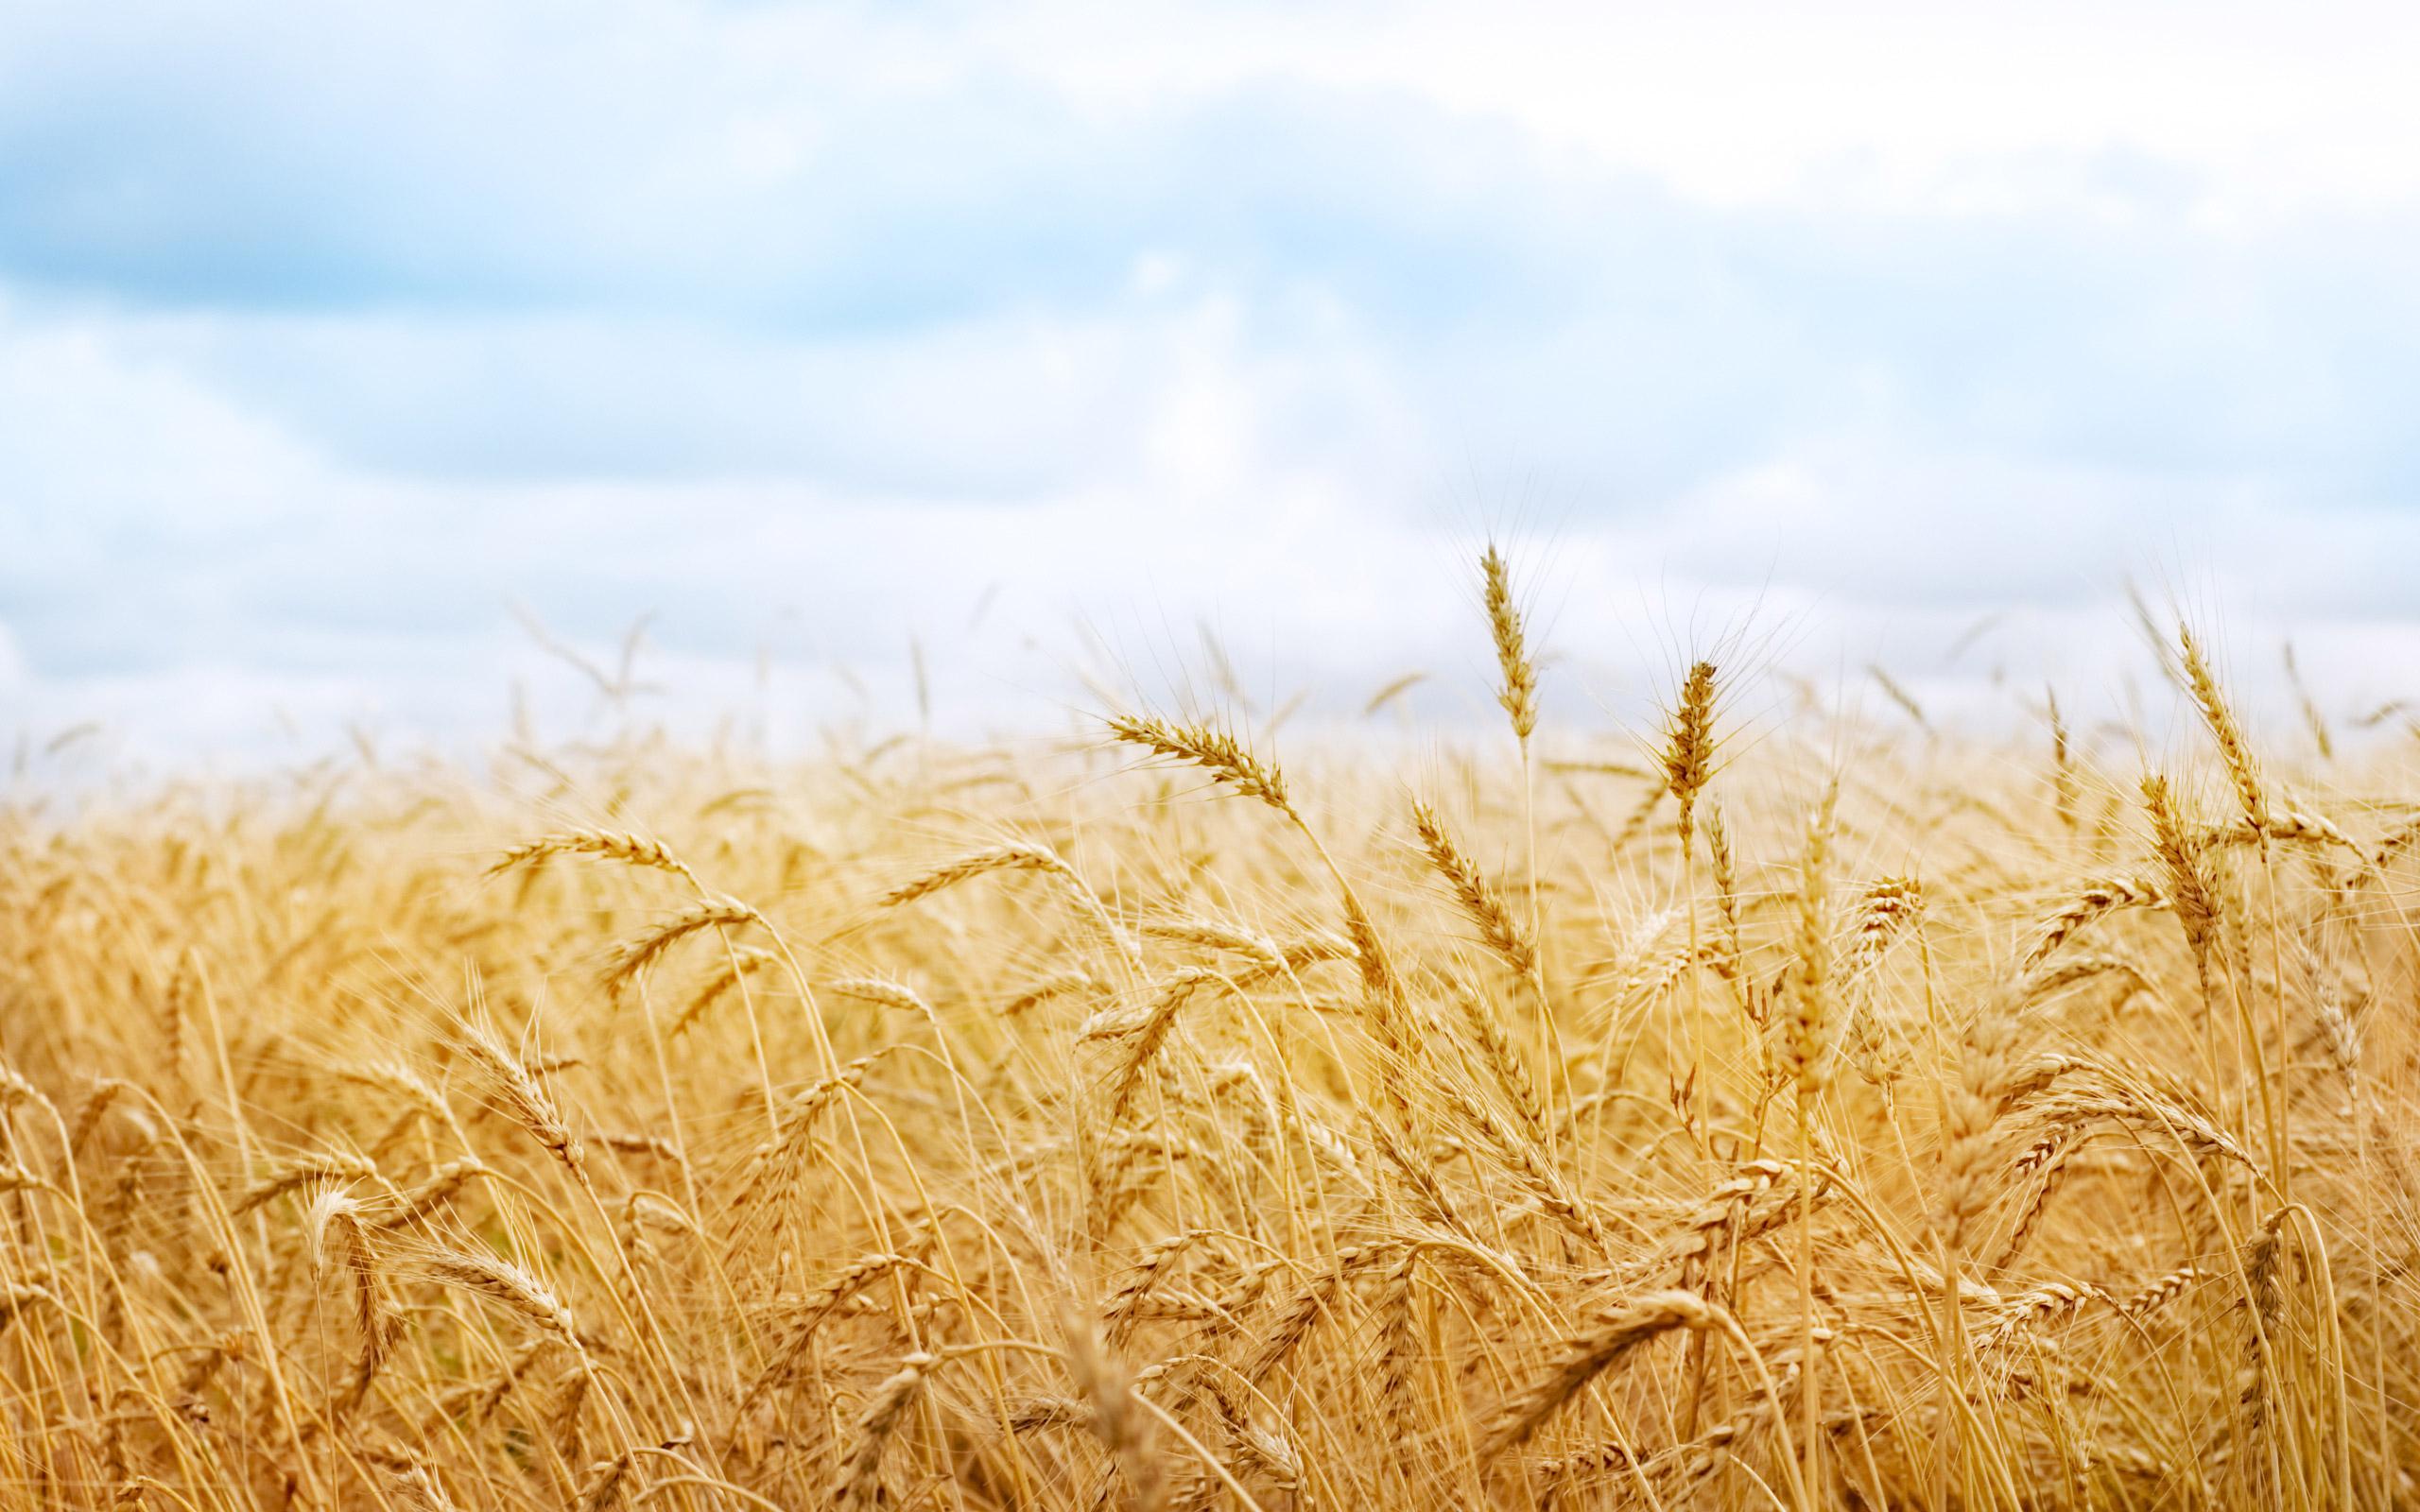 Картинки по запросу пшеничное поле картинки большой размер